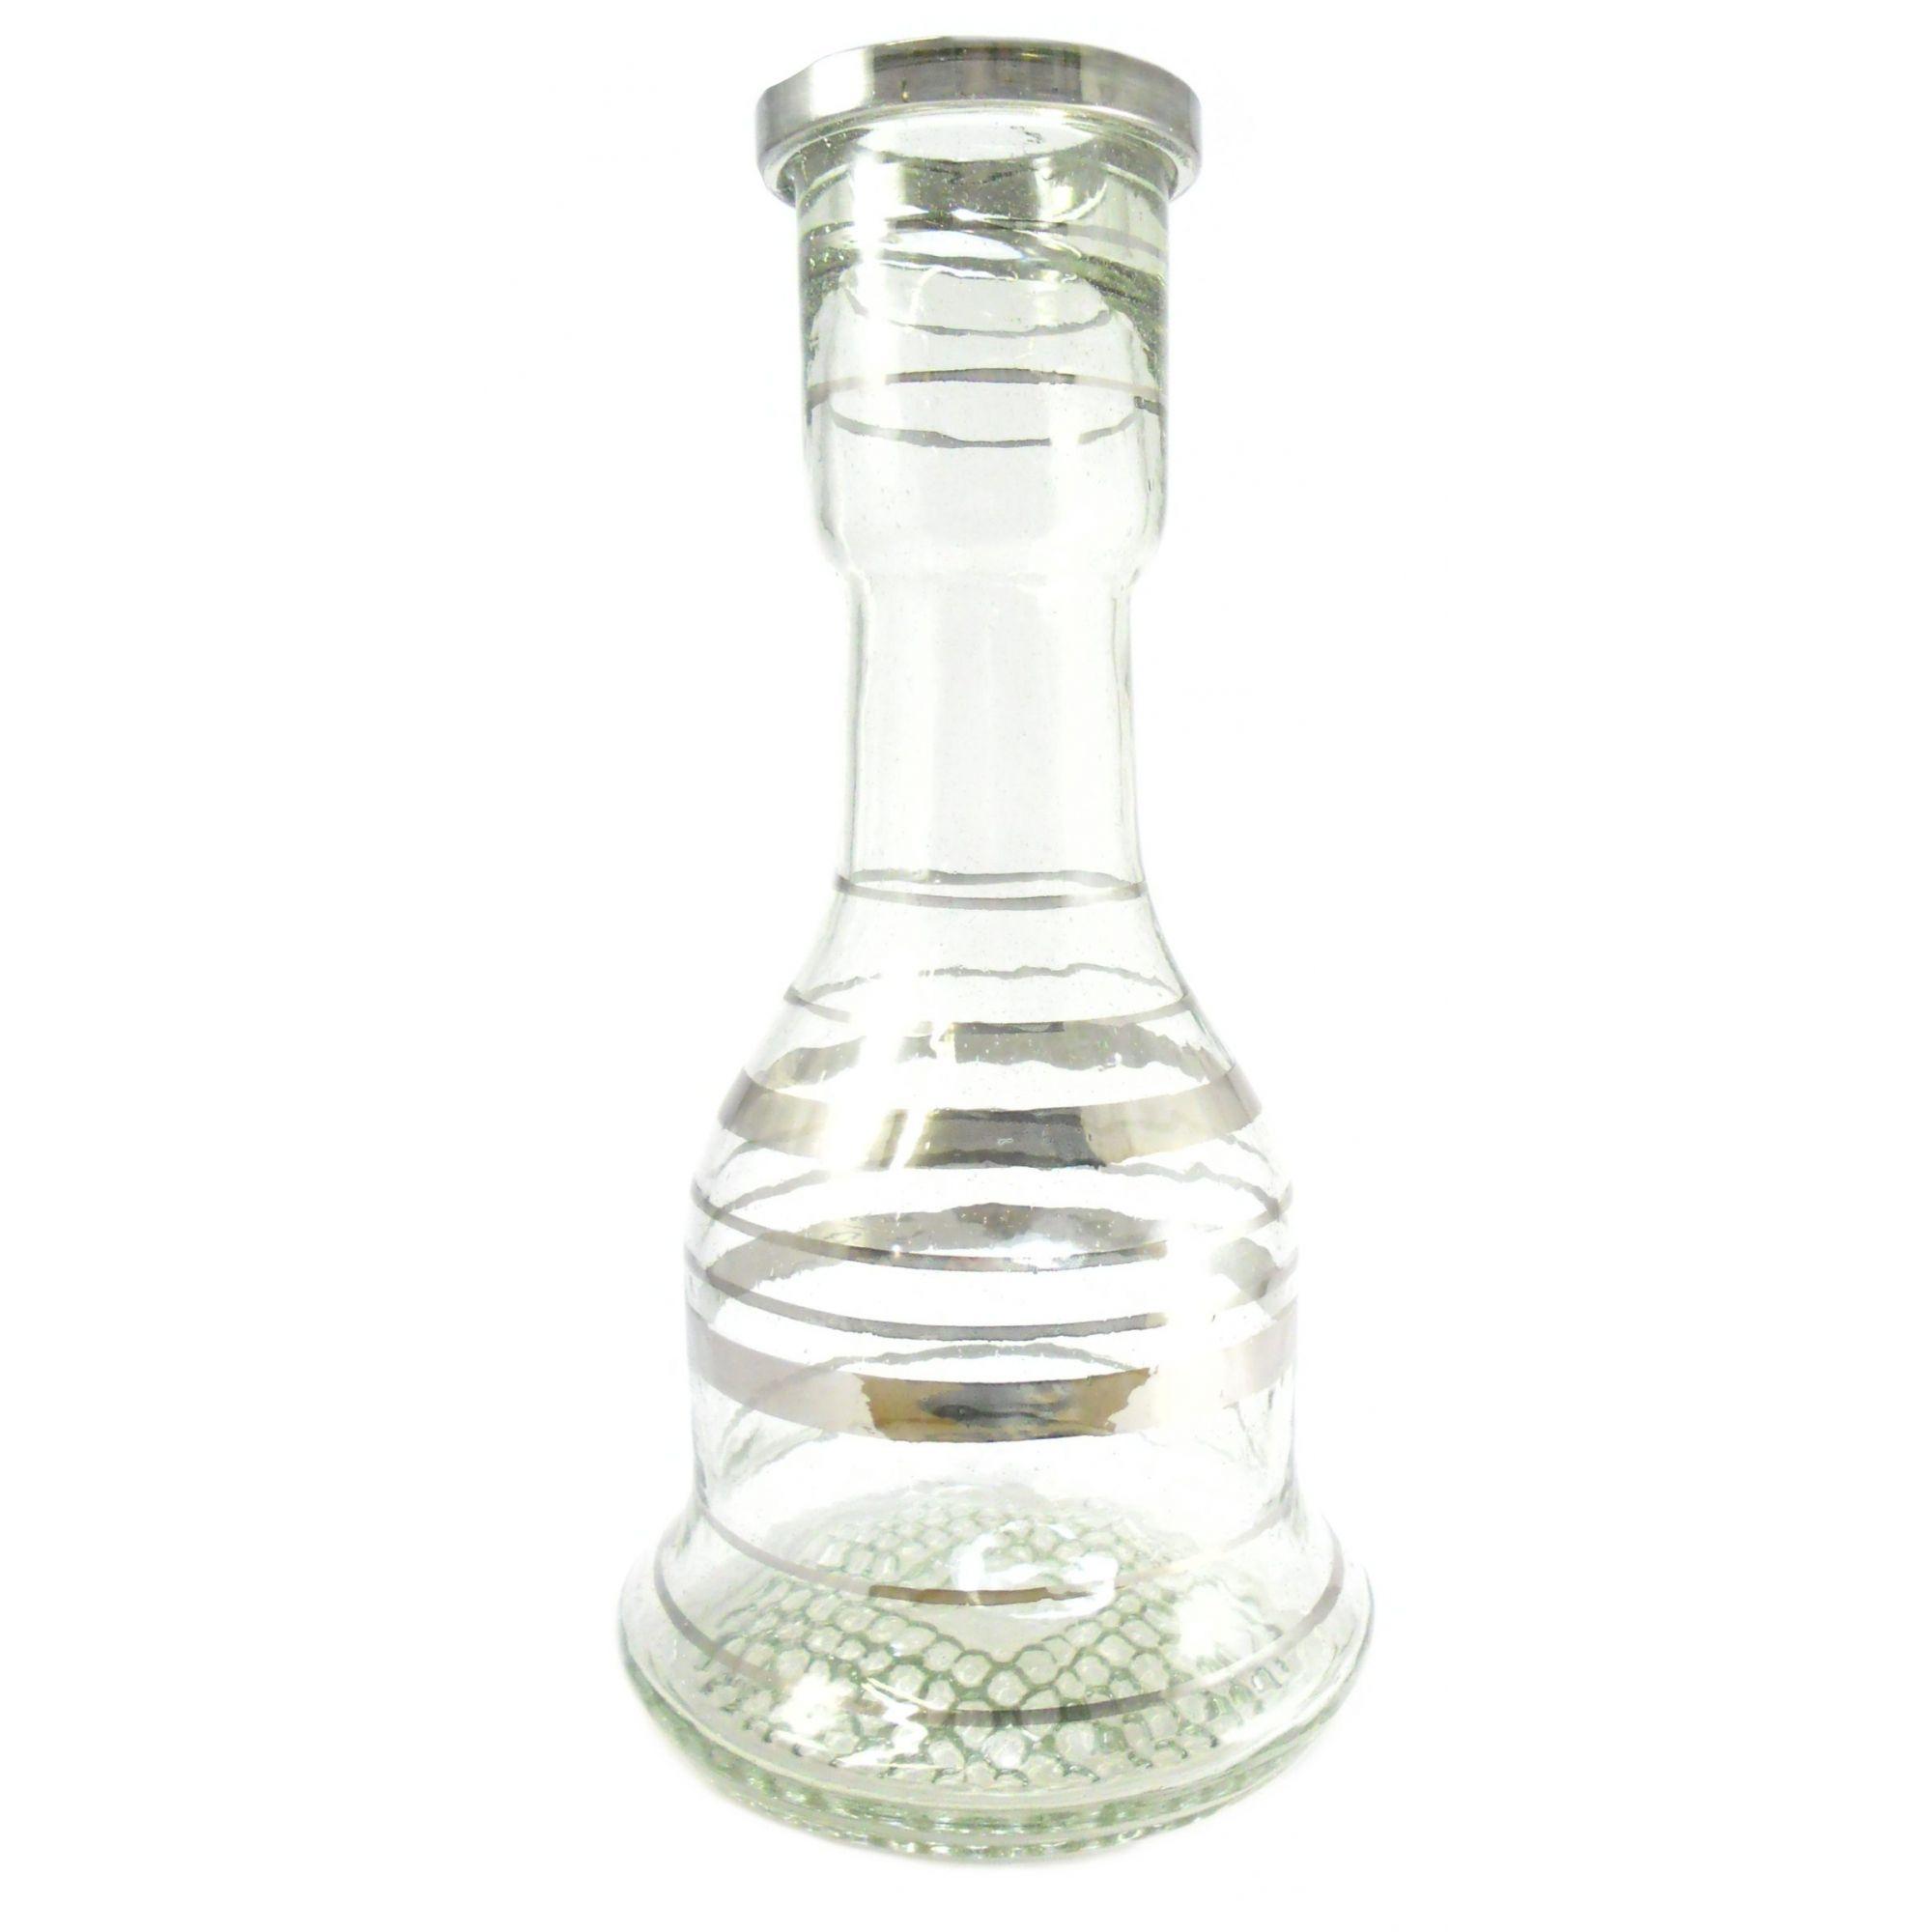 Cinco (5) vasos p/narguile formato SINO GRANDE 30cm com listras prateadas. Bocal 5,0cm de diâmetro.